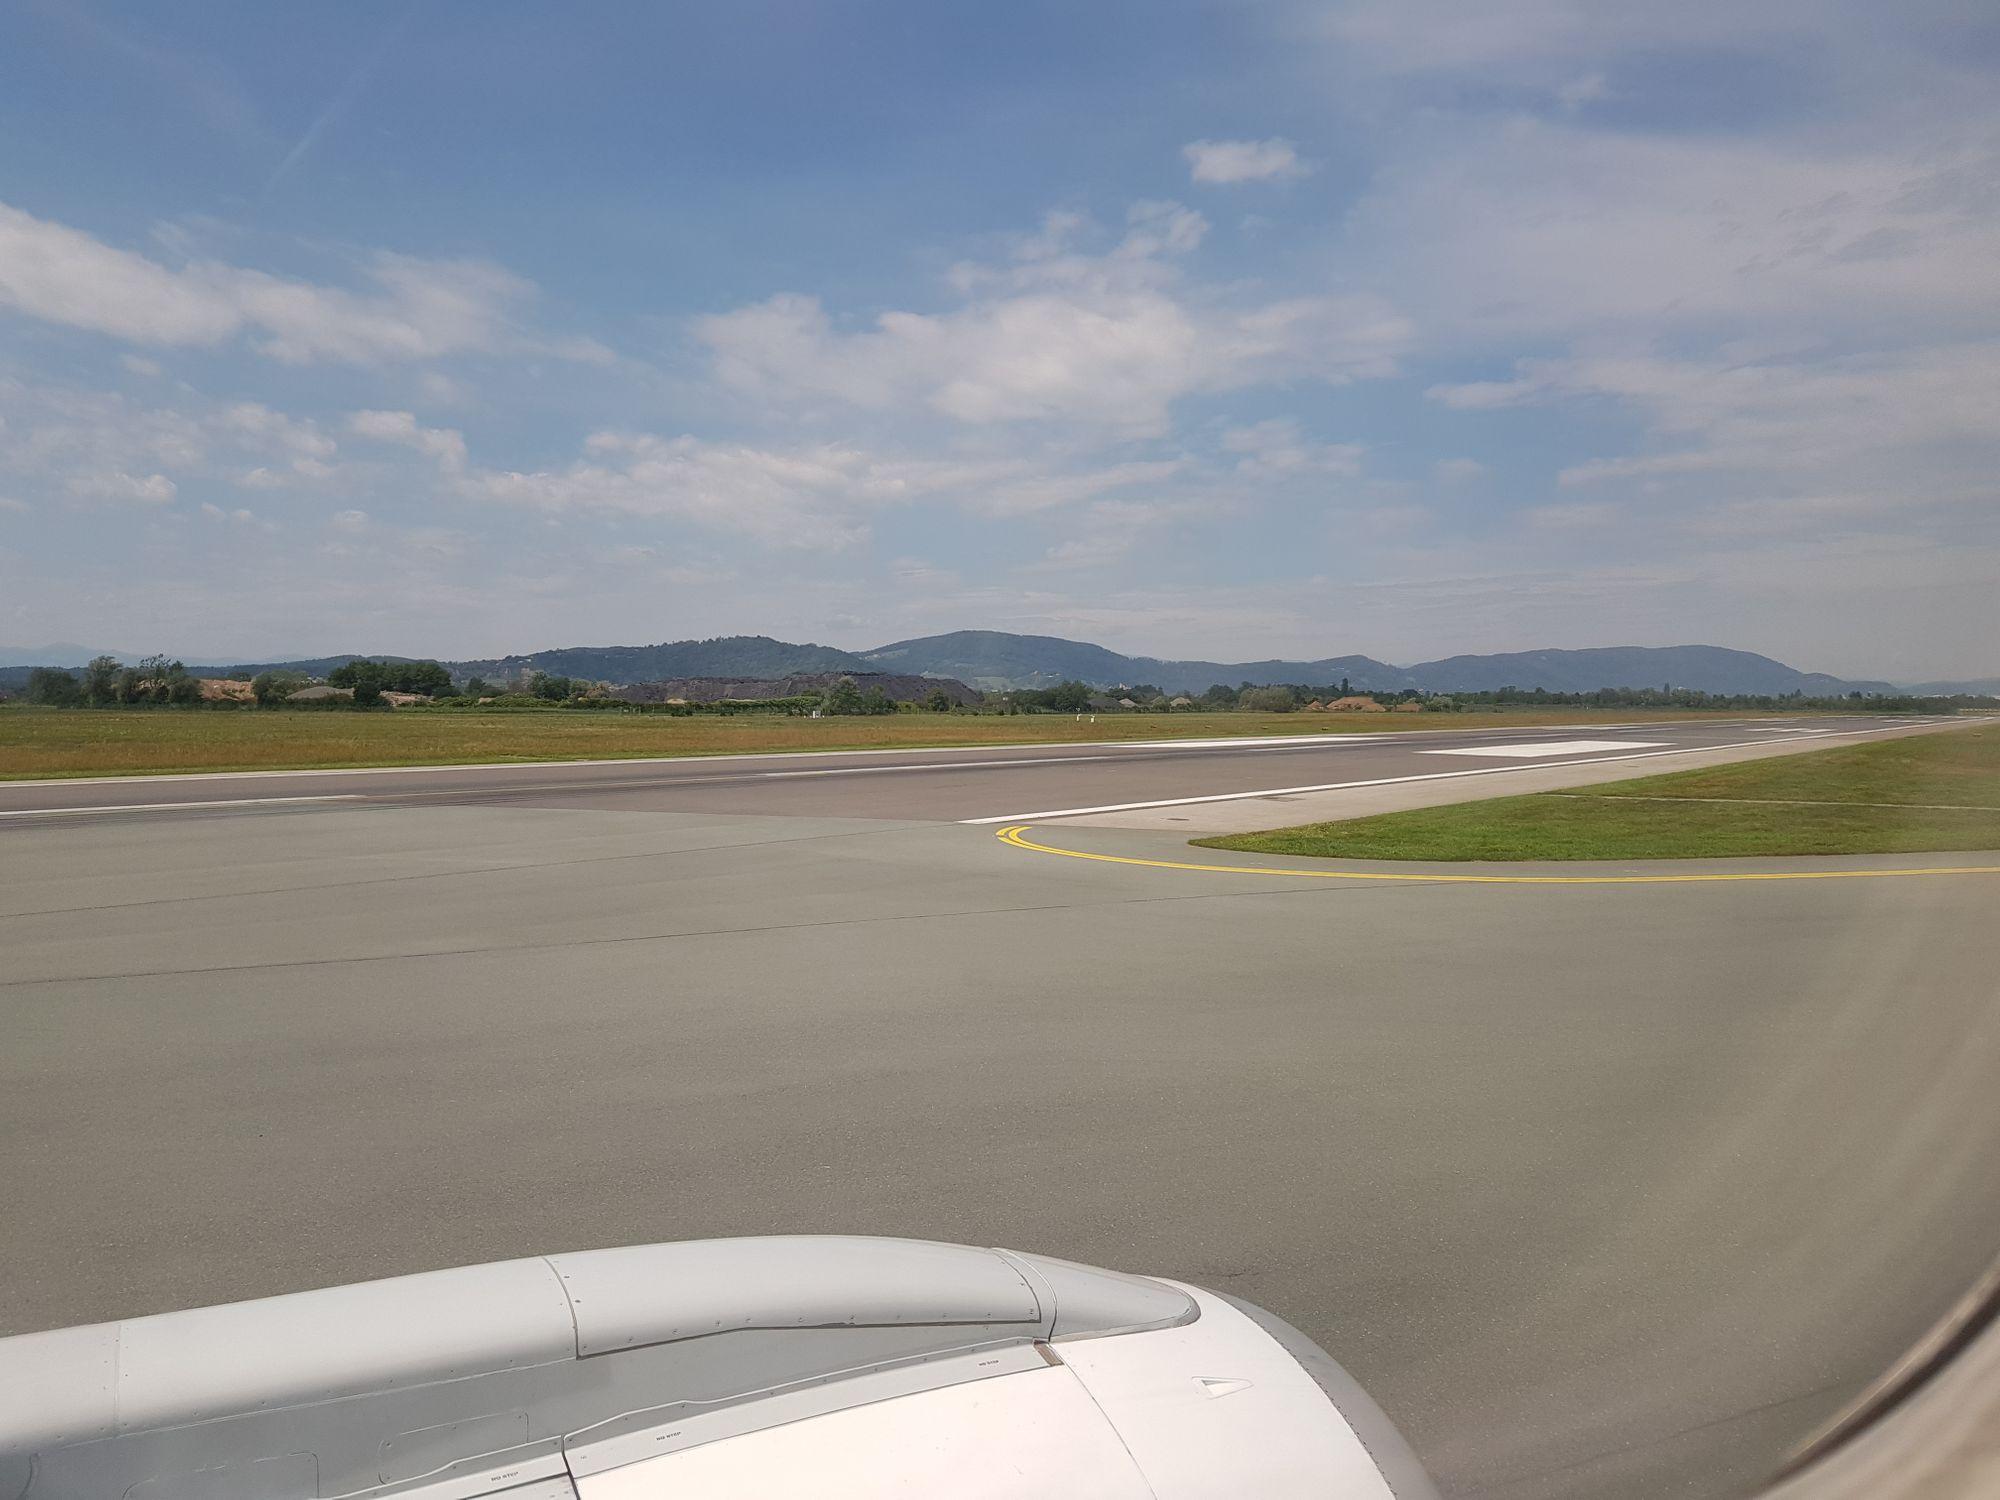 Landepiste in Graz, fotografiert aus dem Flugzeug.